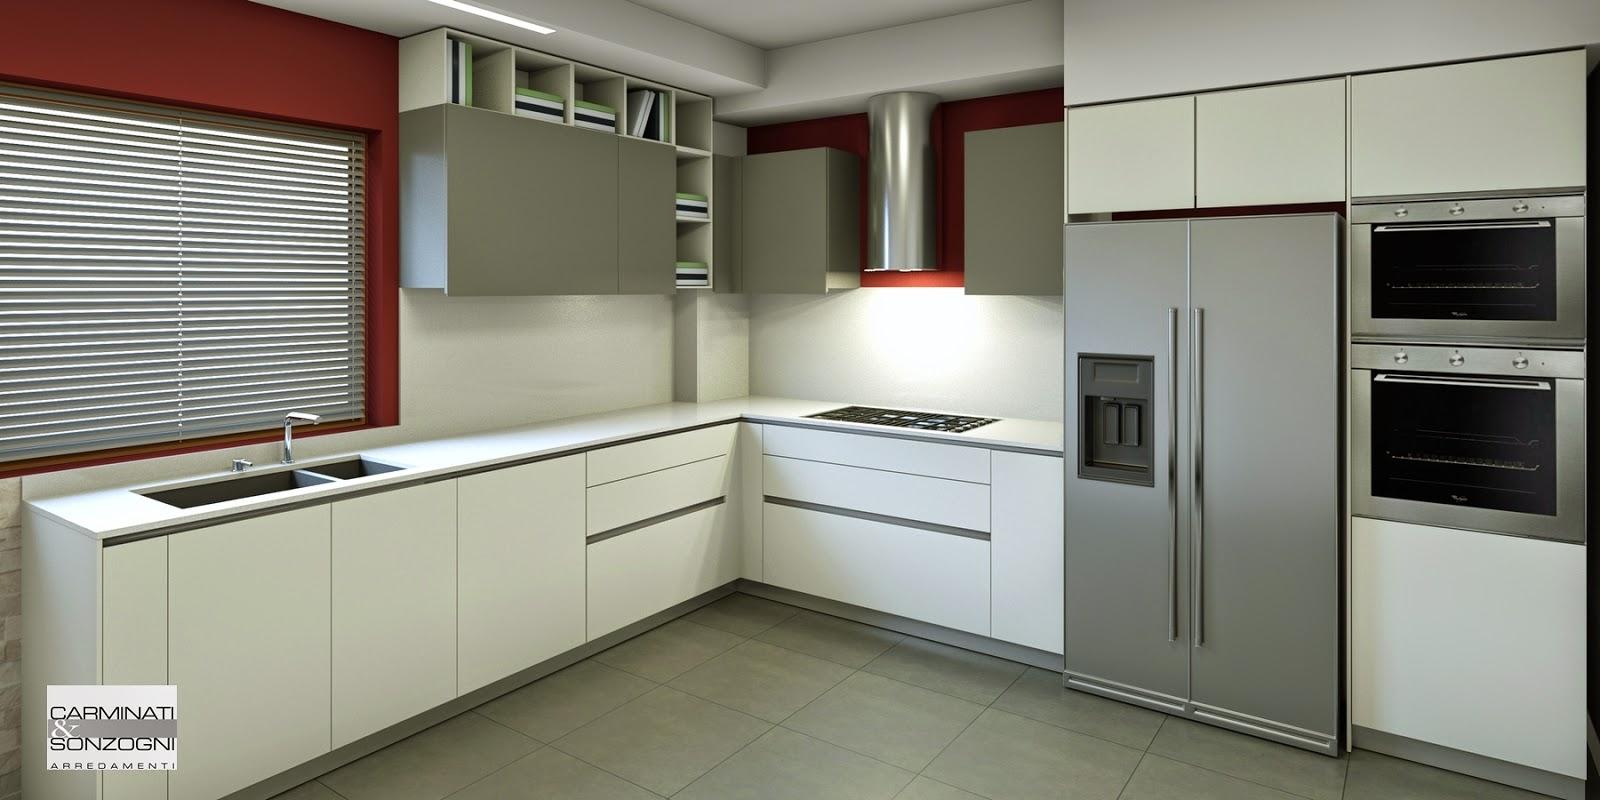 Cucine componibili con isola rosy una cucina classica funzionale disponibile in diversi colori - Classifica cucine ...